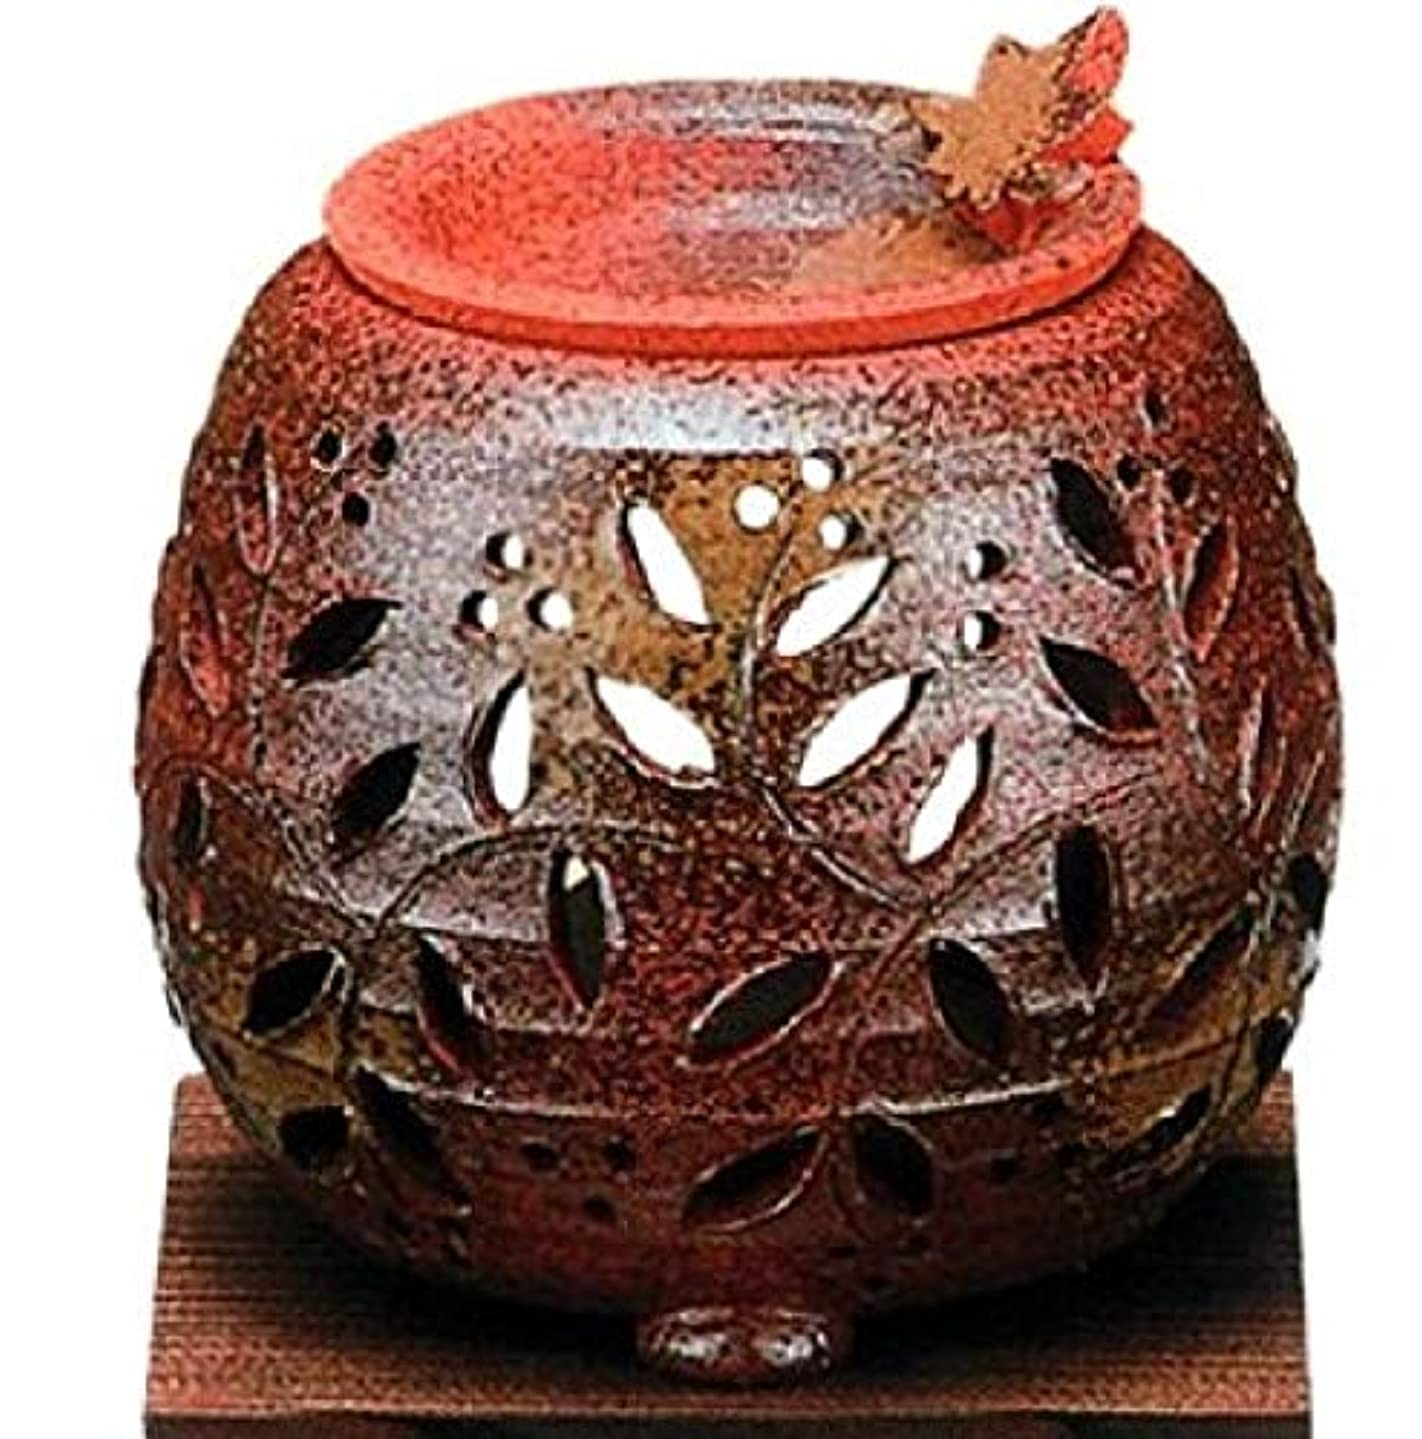 理解従事した手荷物常滑焼?石龍窯 カ38-12 茶香炉 タデ花 焼杉板付 約φ11×11cm